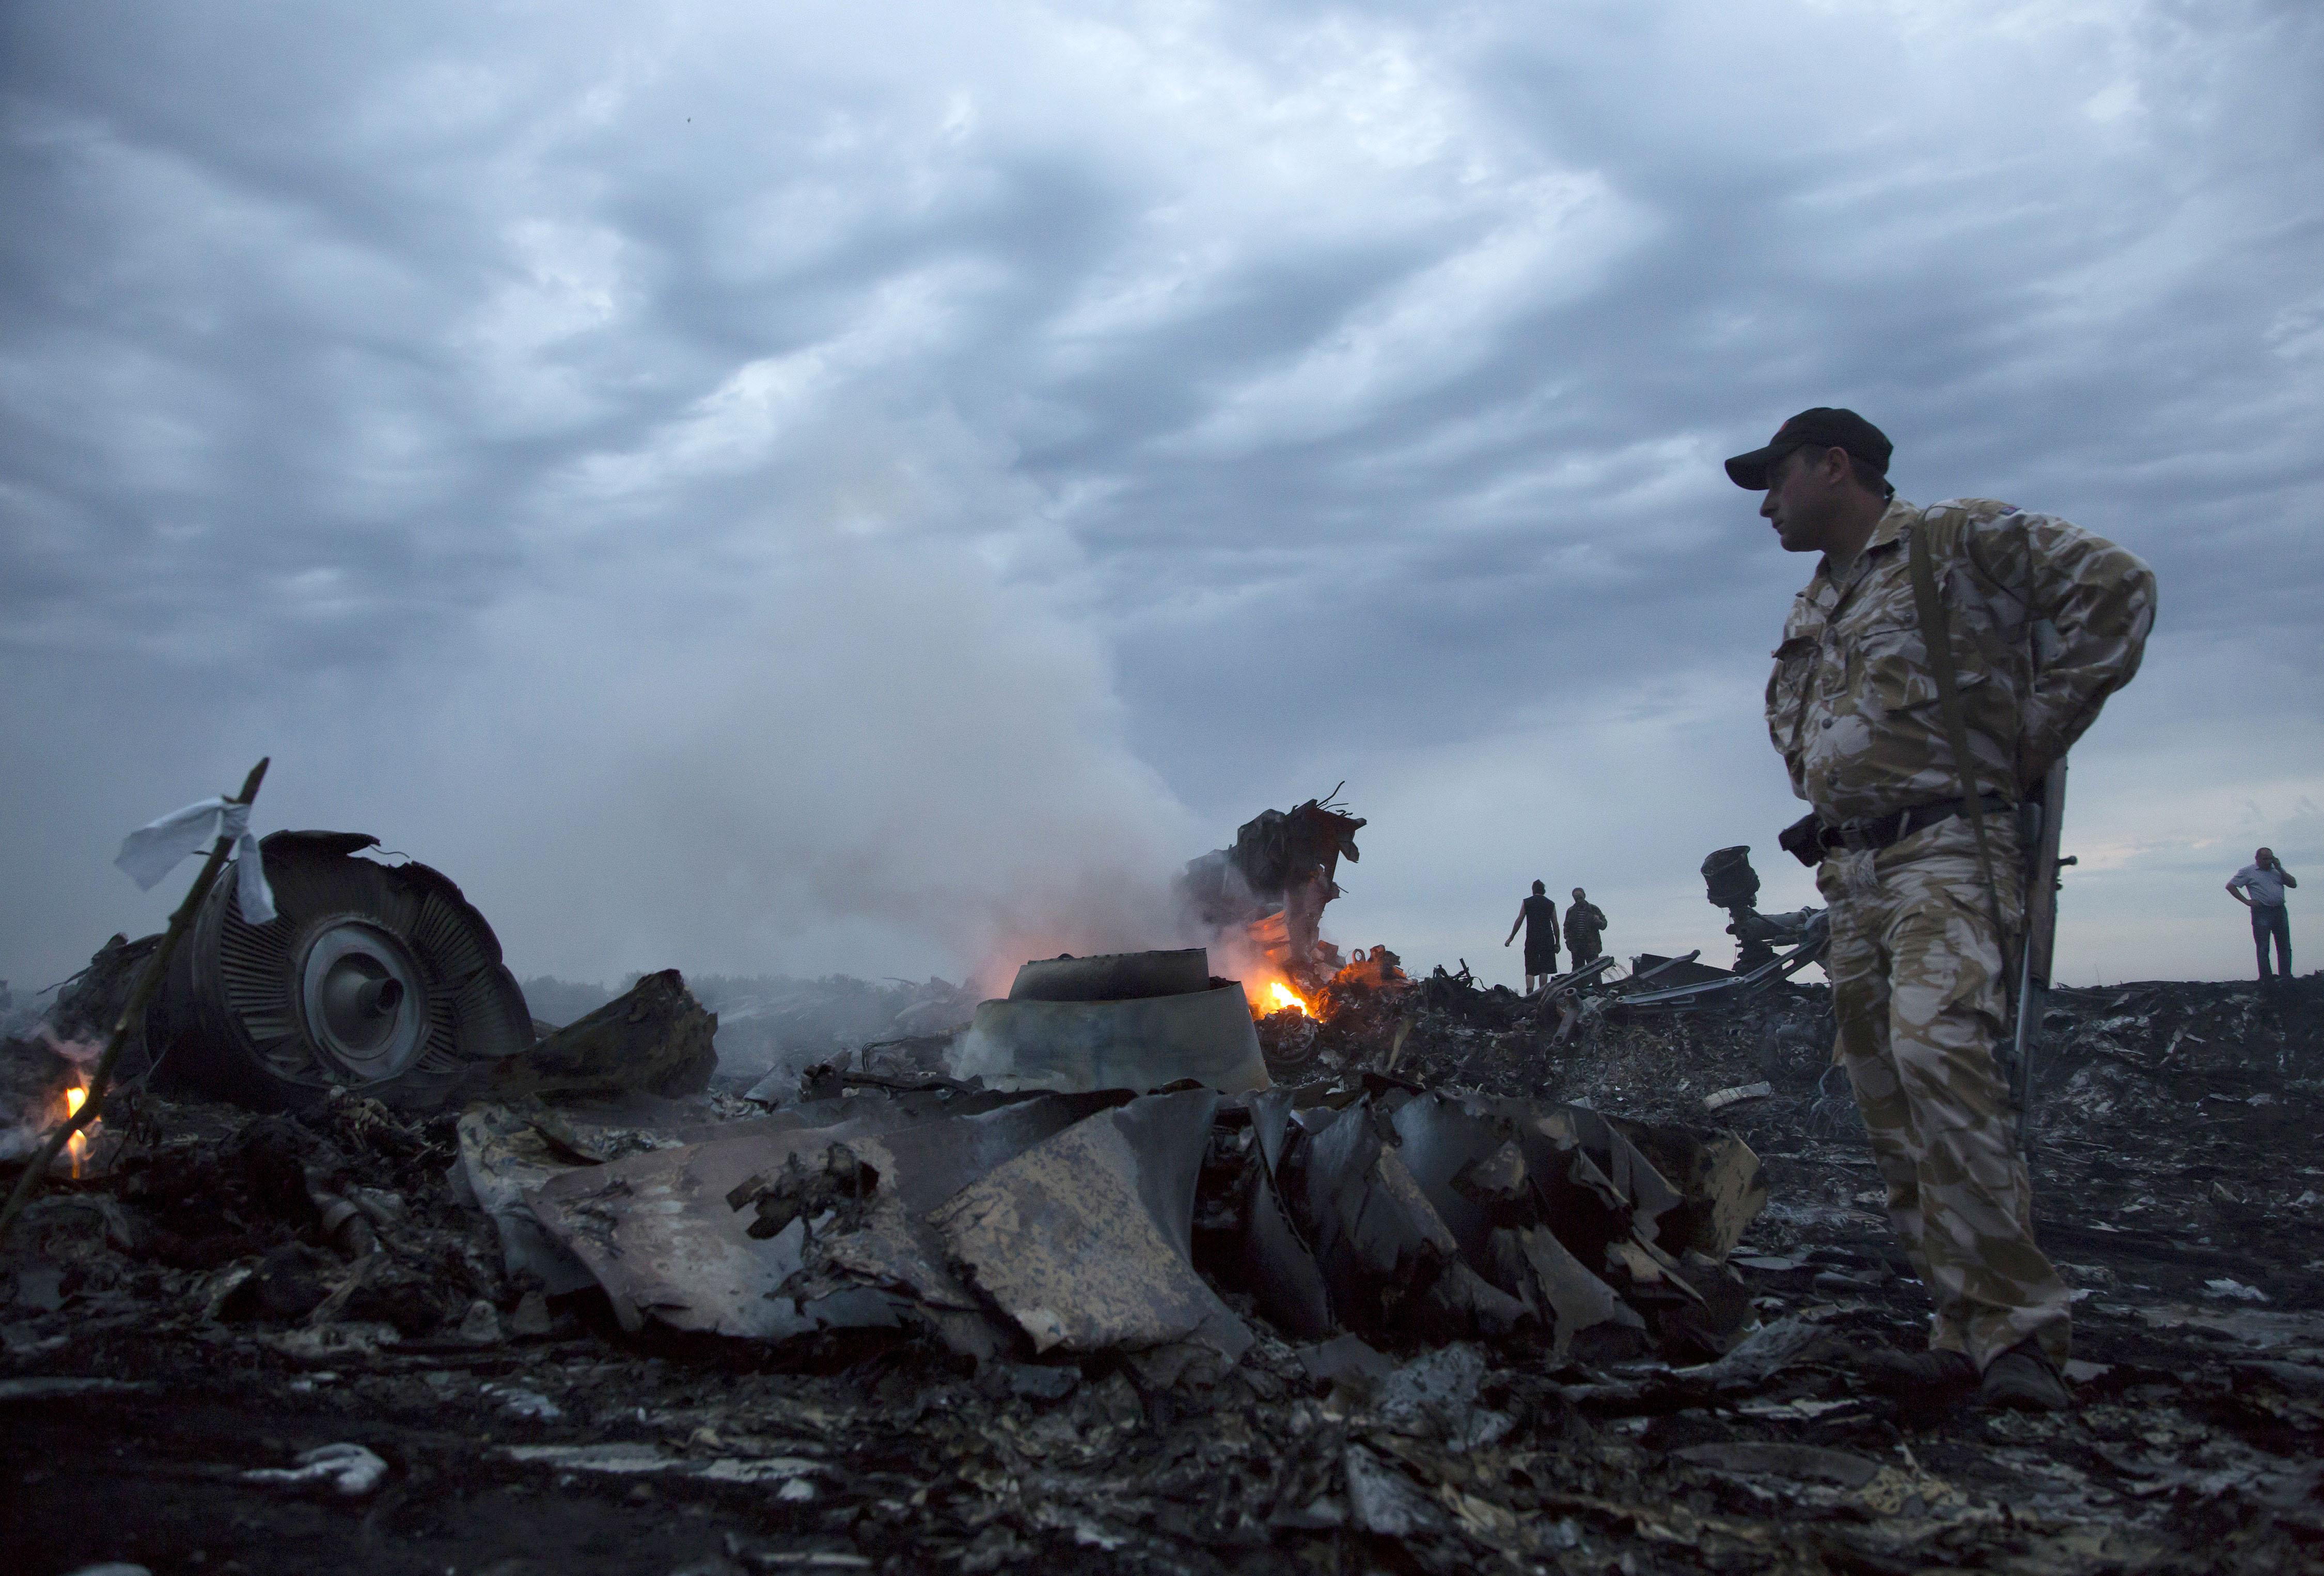 馬來西亞航空MH17班機2014年7月墜毀時,親俄羅斯烏克蘭叛軍在當地看守(美聯社)